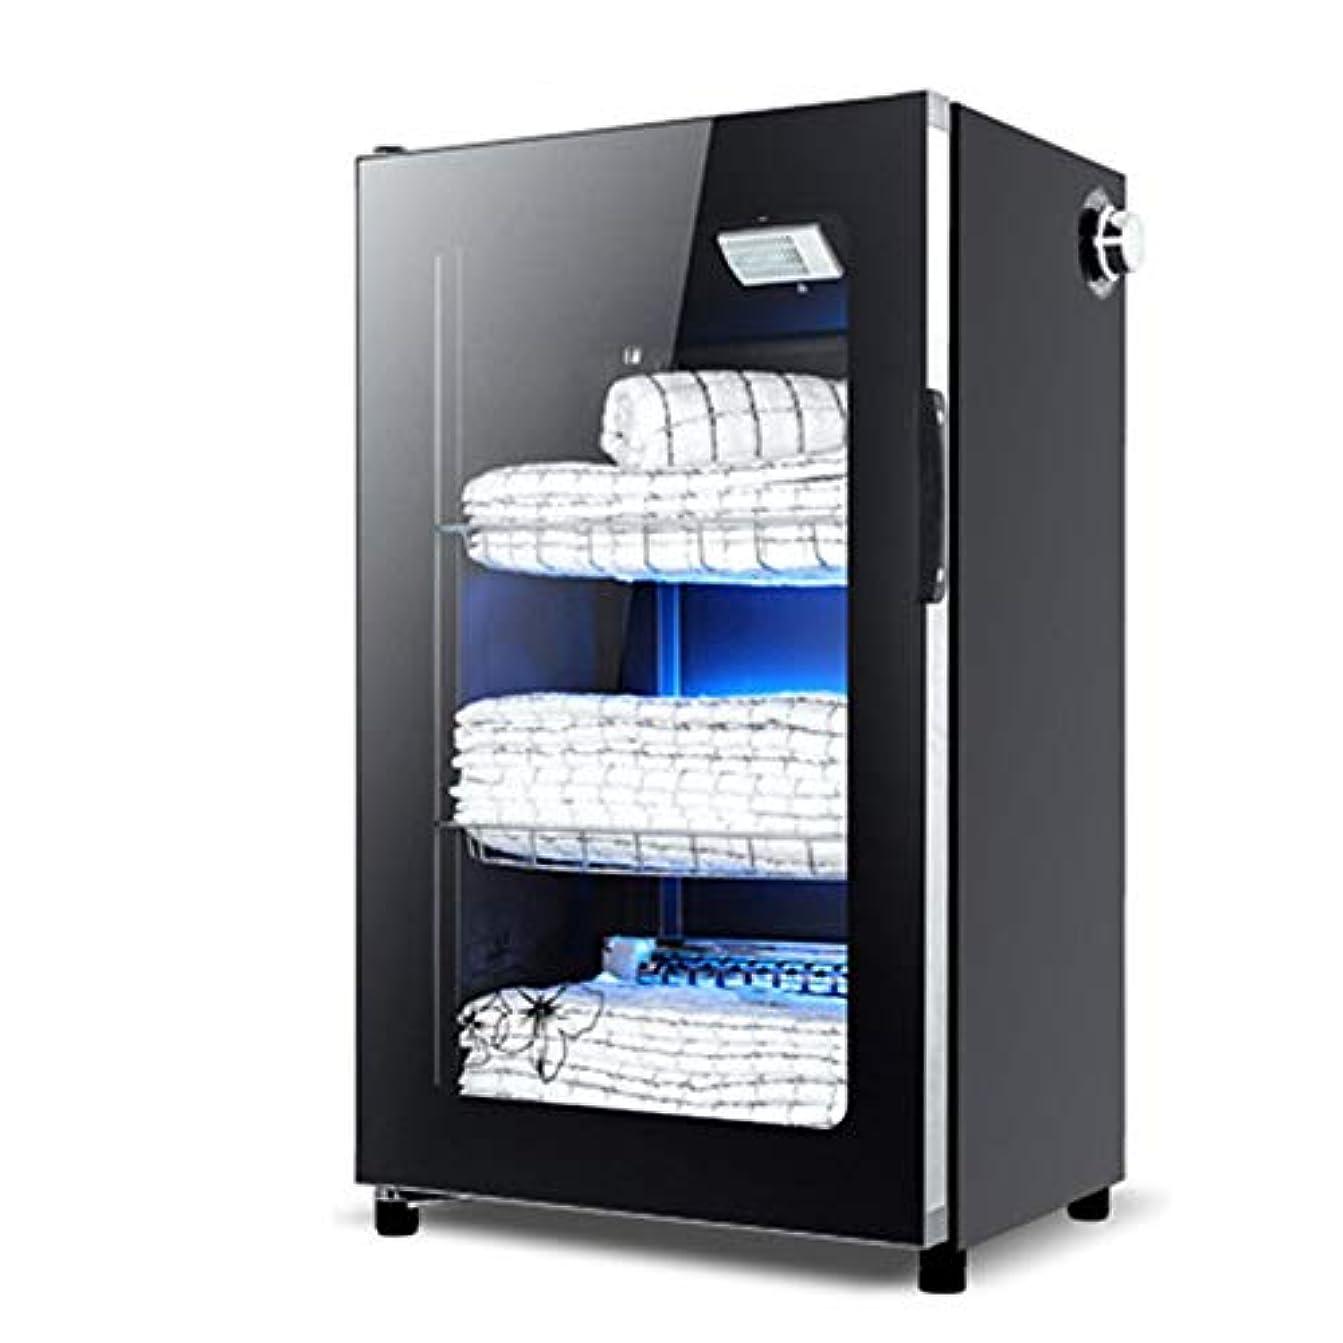 マウントバンクどきどき三黒の大容量マルチデッカーホットタオルキャビネット&紫外線オゾン滅菌サロンスパ美容機器(38L / 68L)